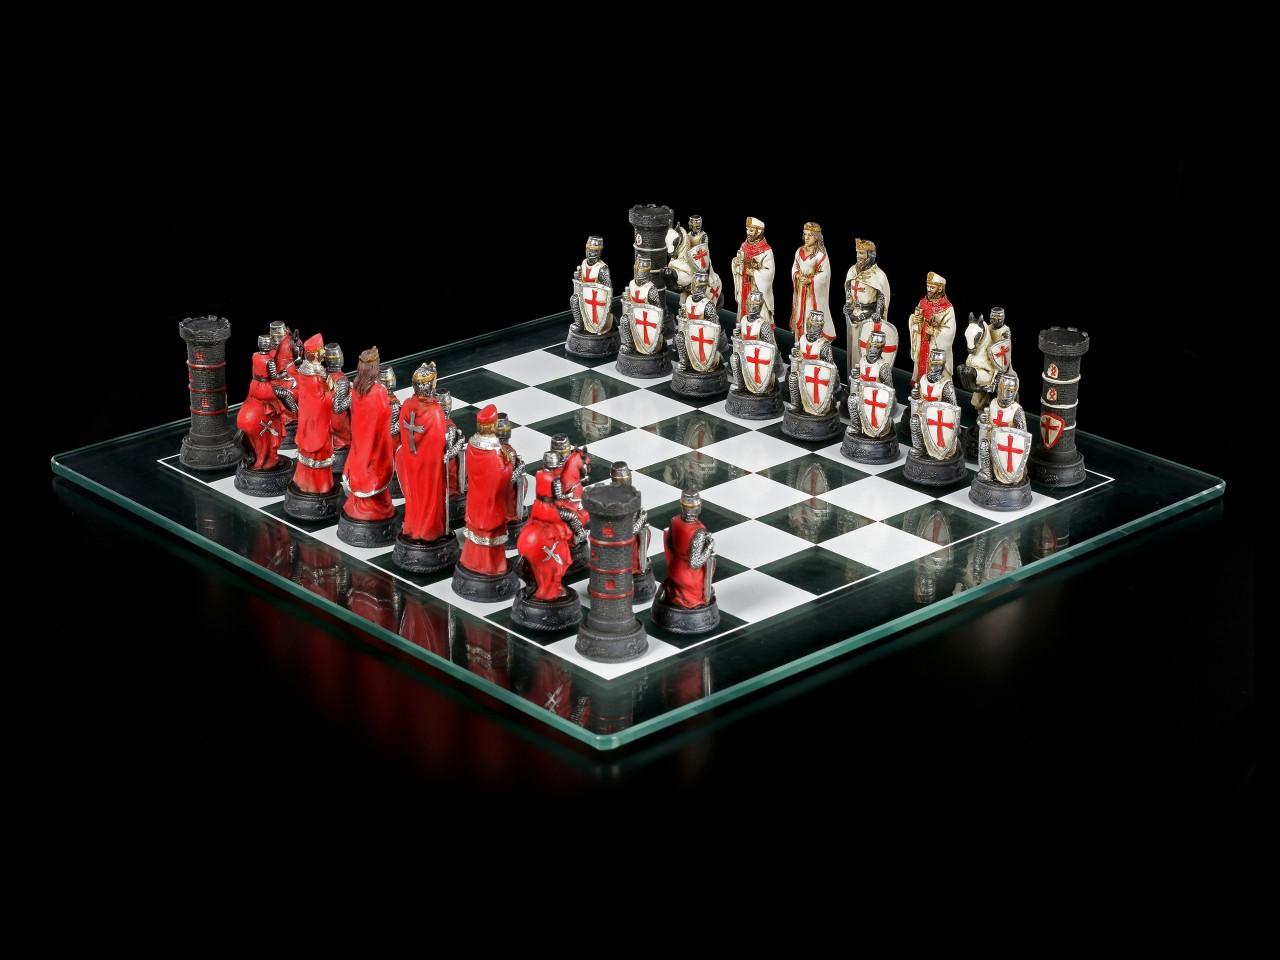 Kreuzritter Schachspiel - Red vs. White